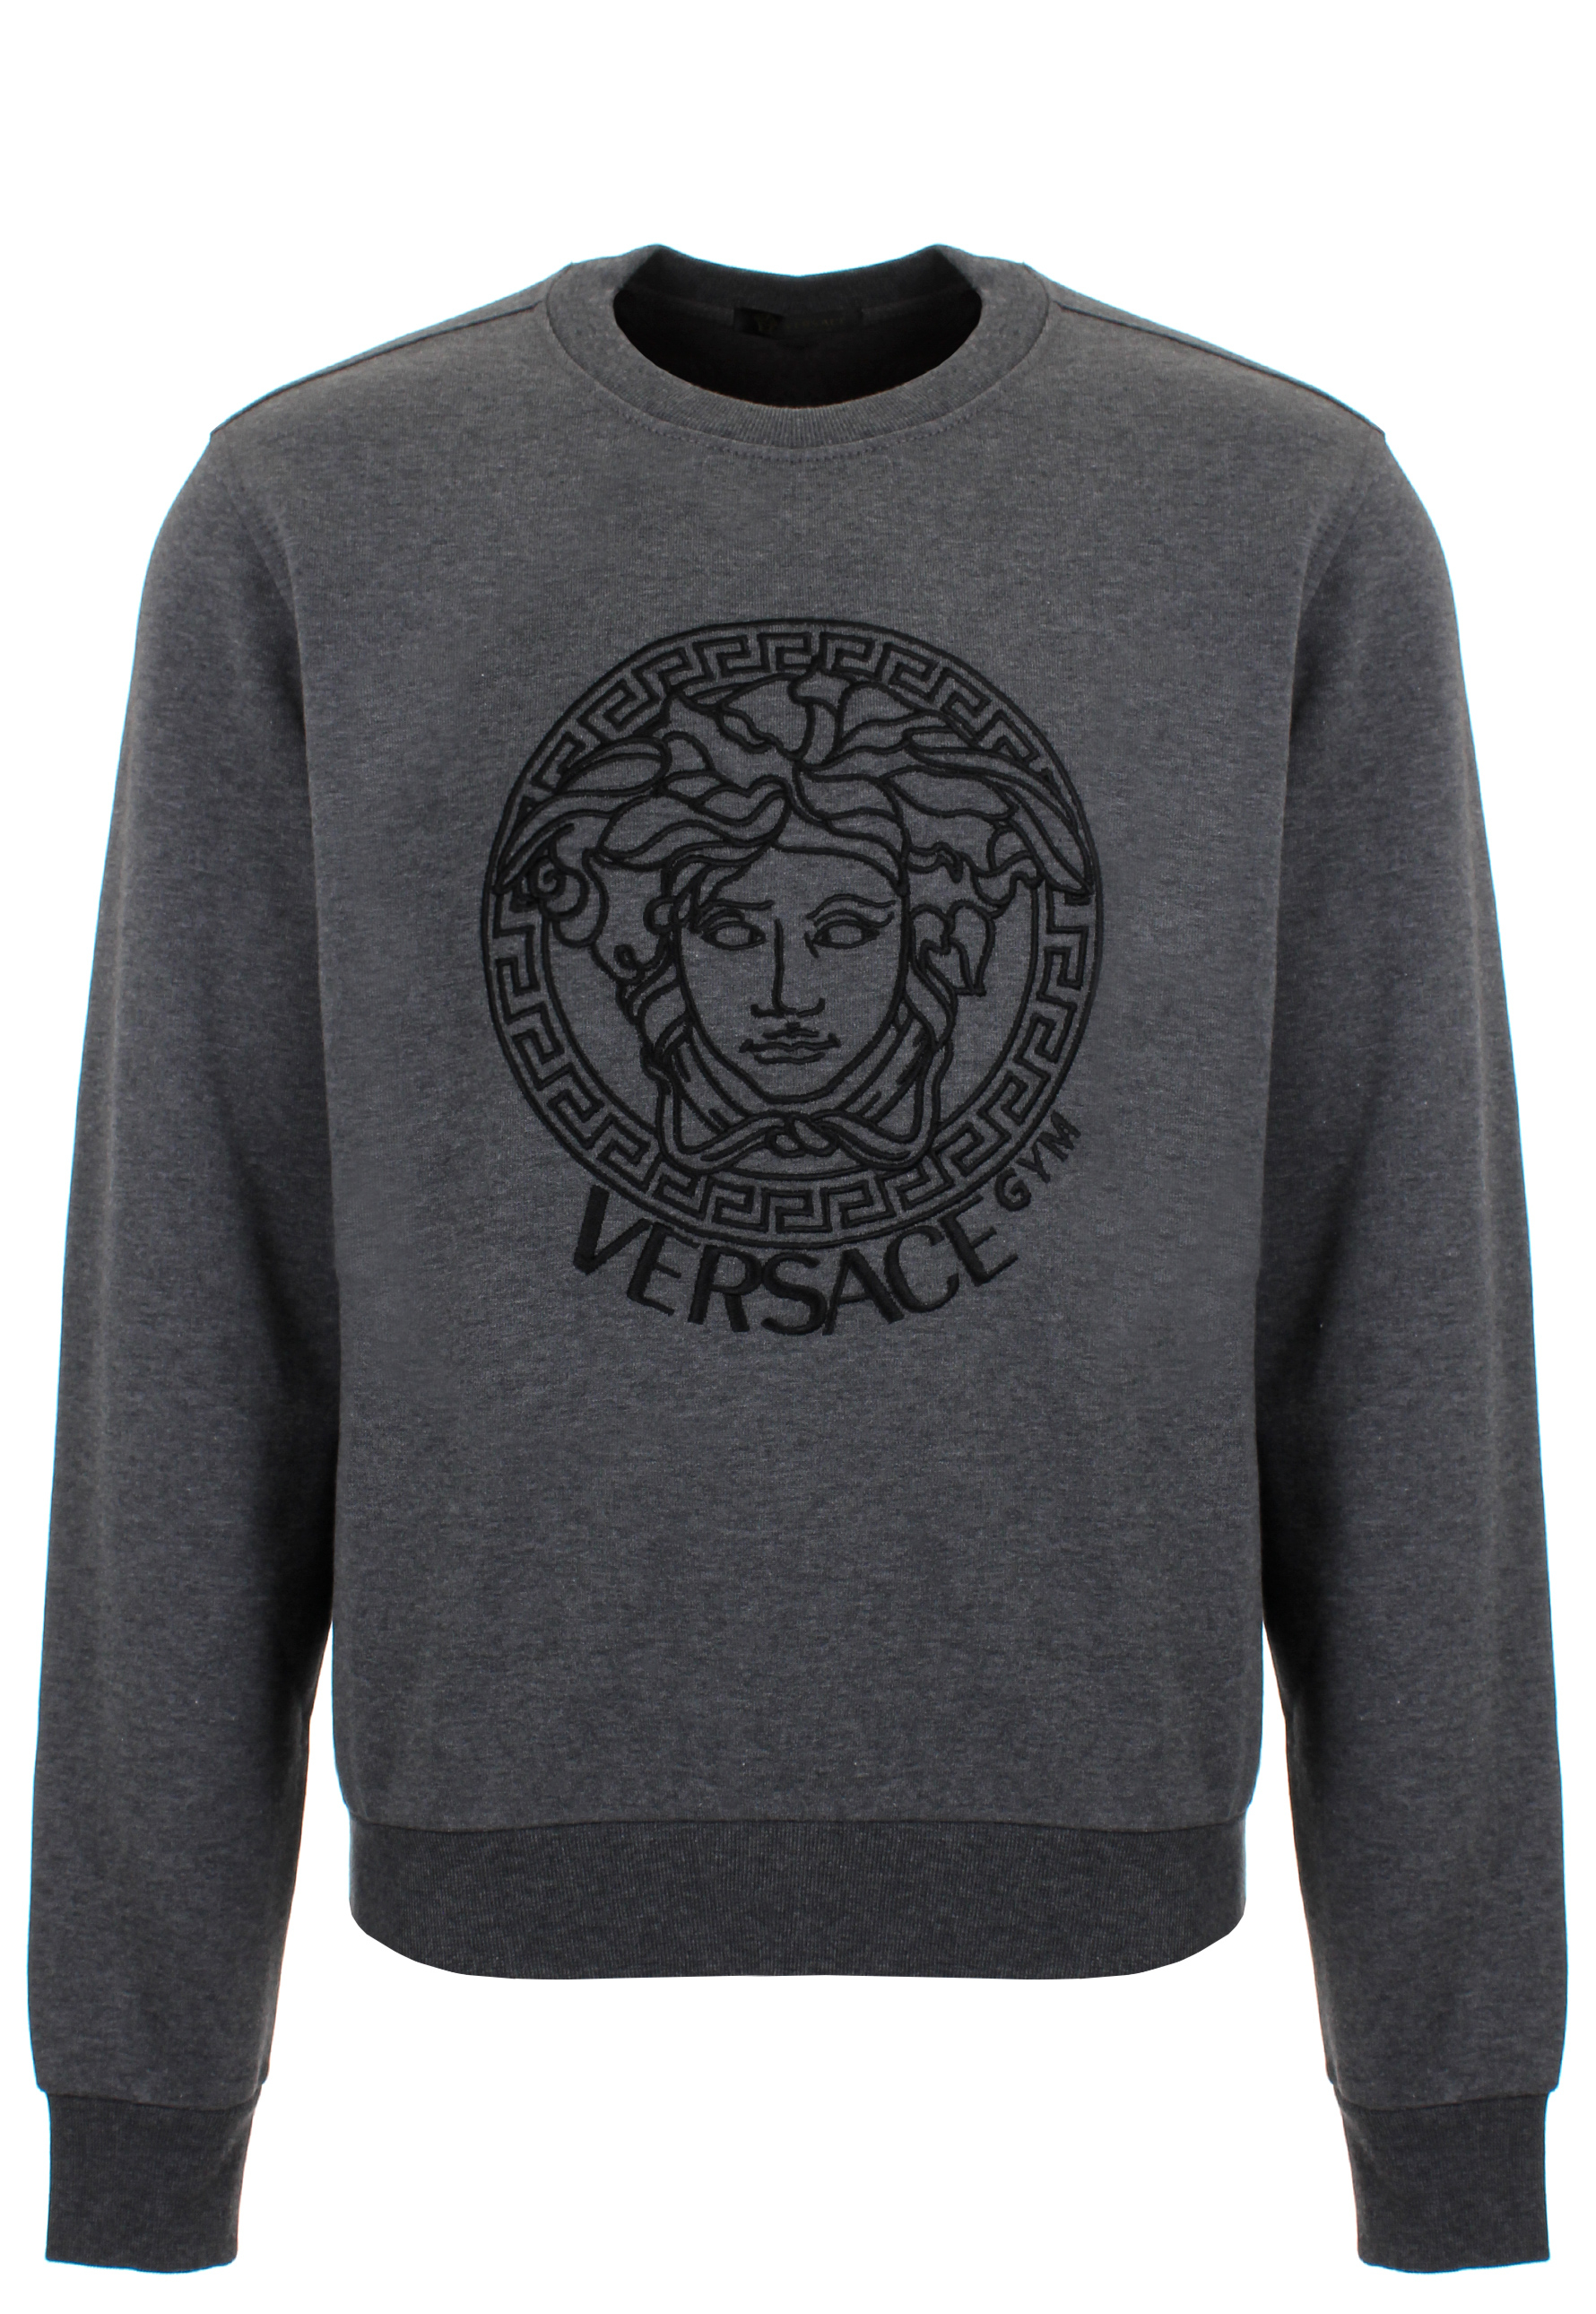 versace medusa gym jersey sweatshirt in gray for men lyst